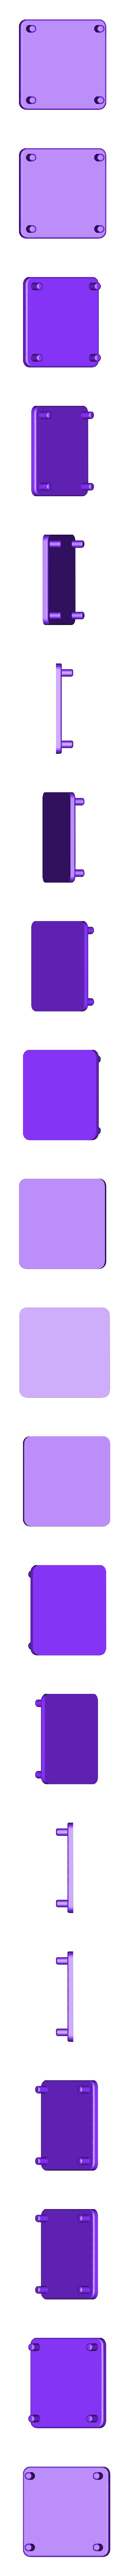 Truss 4 Punkt Traverse GWK2001 Fuß (x10).stl Download STL file 1:18 Truss 4 Punkt Traverse Messestand ZSB1000 • Template to 3D print, CrossModellbau